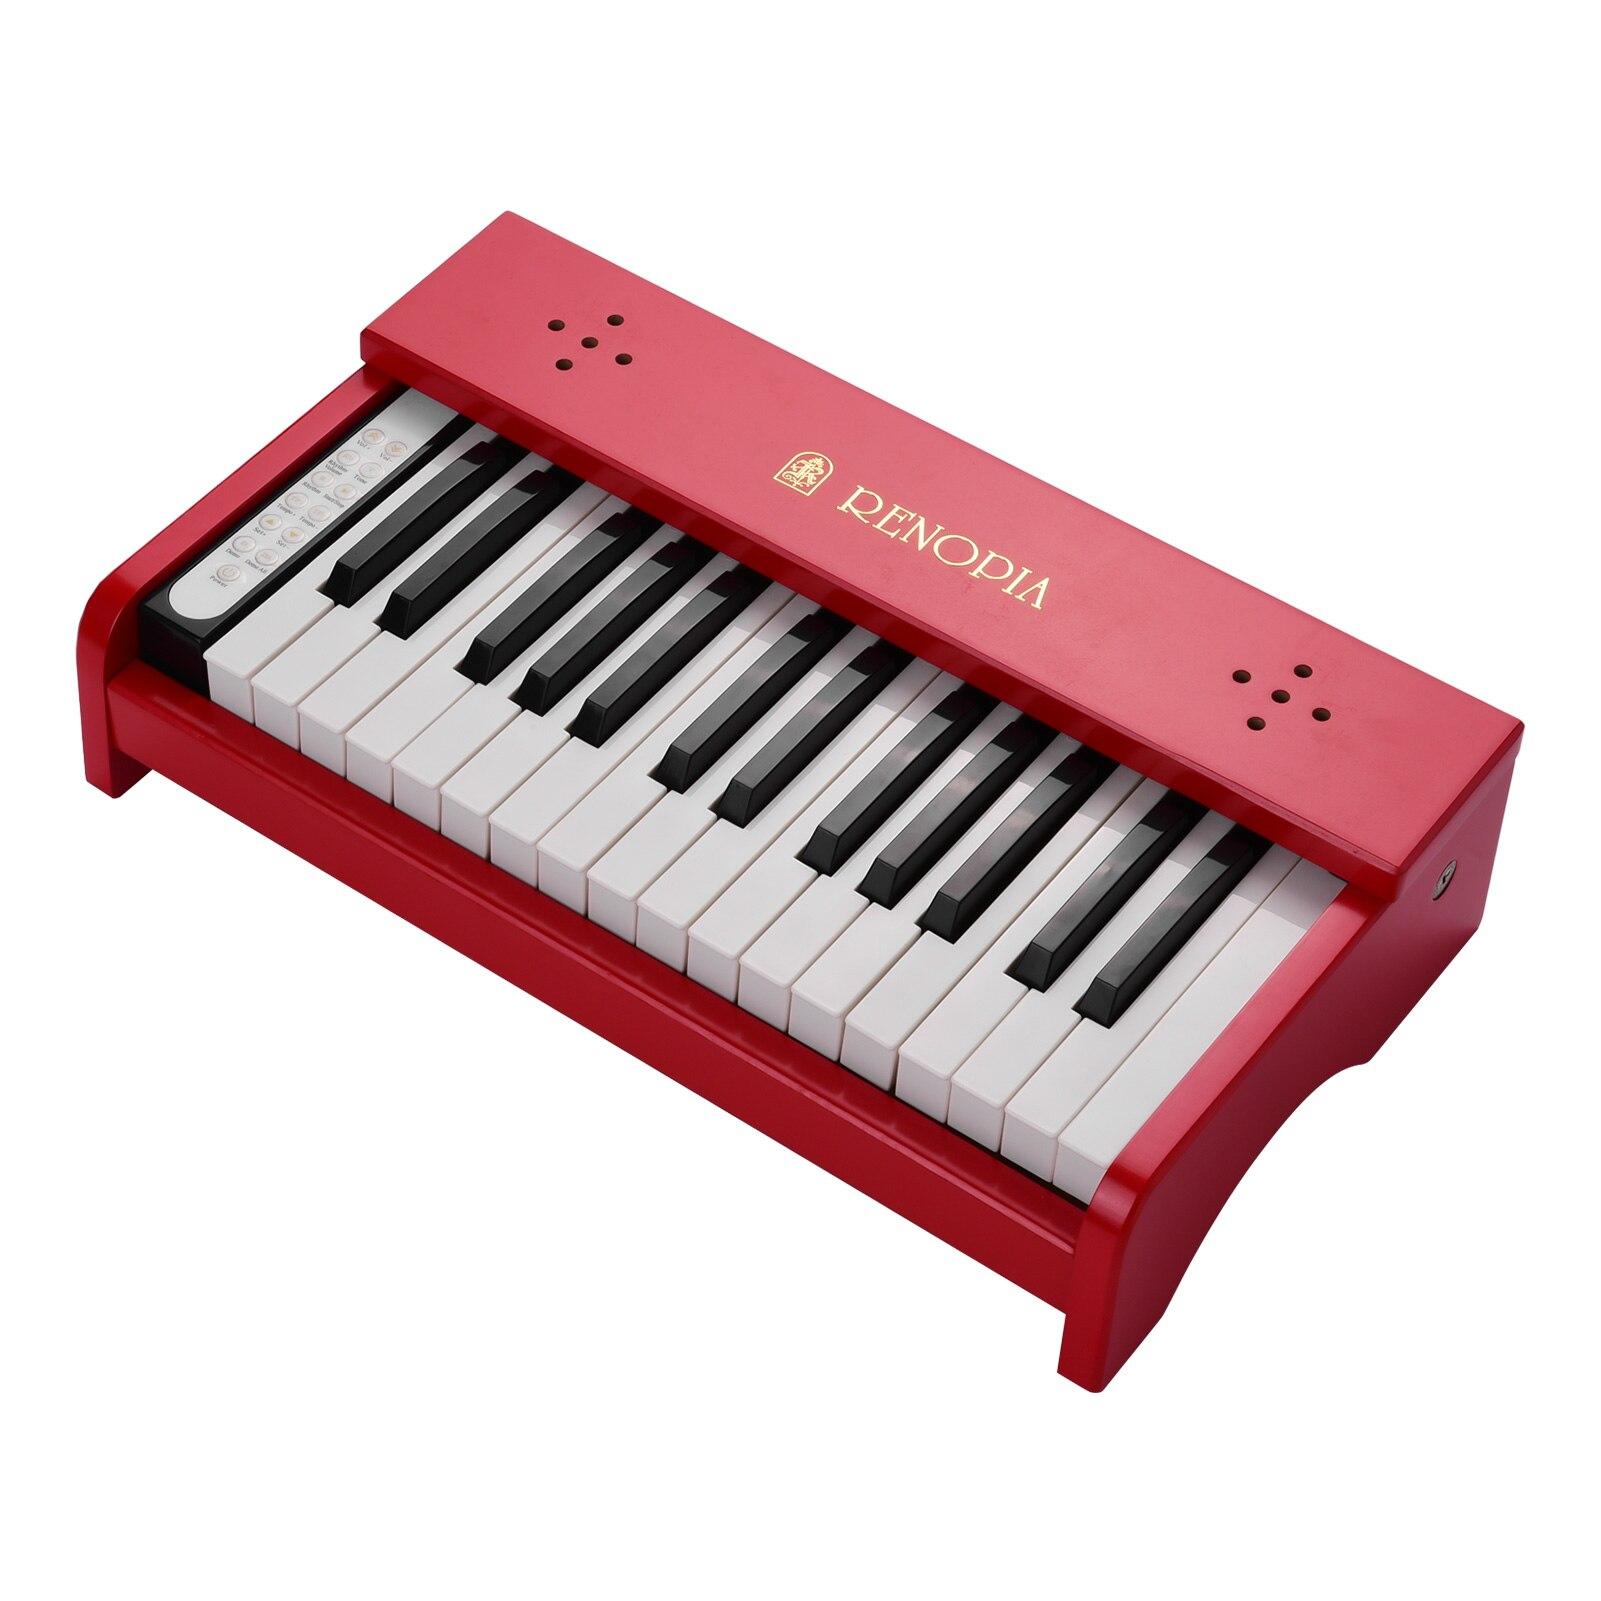 البيانو الموسيقي للأطفال 30 مفاتيح خشبية تعلم العزف على البيانو آلة موسيقية التعليم المبكر أداة للبنين بنات